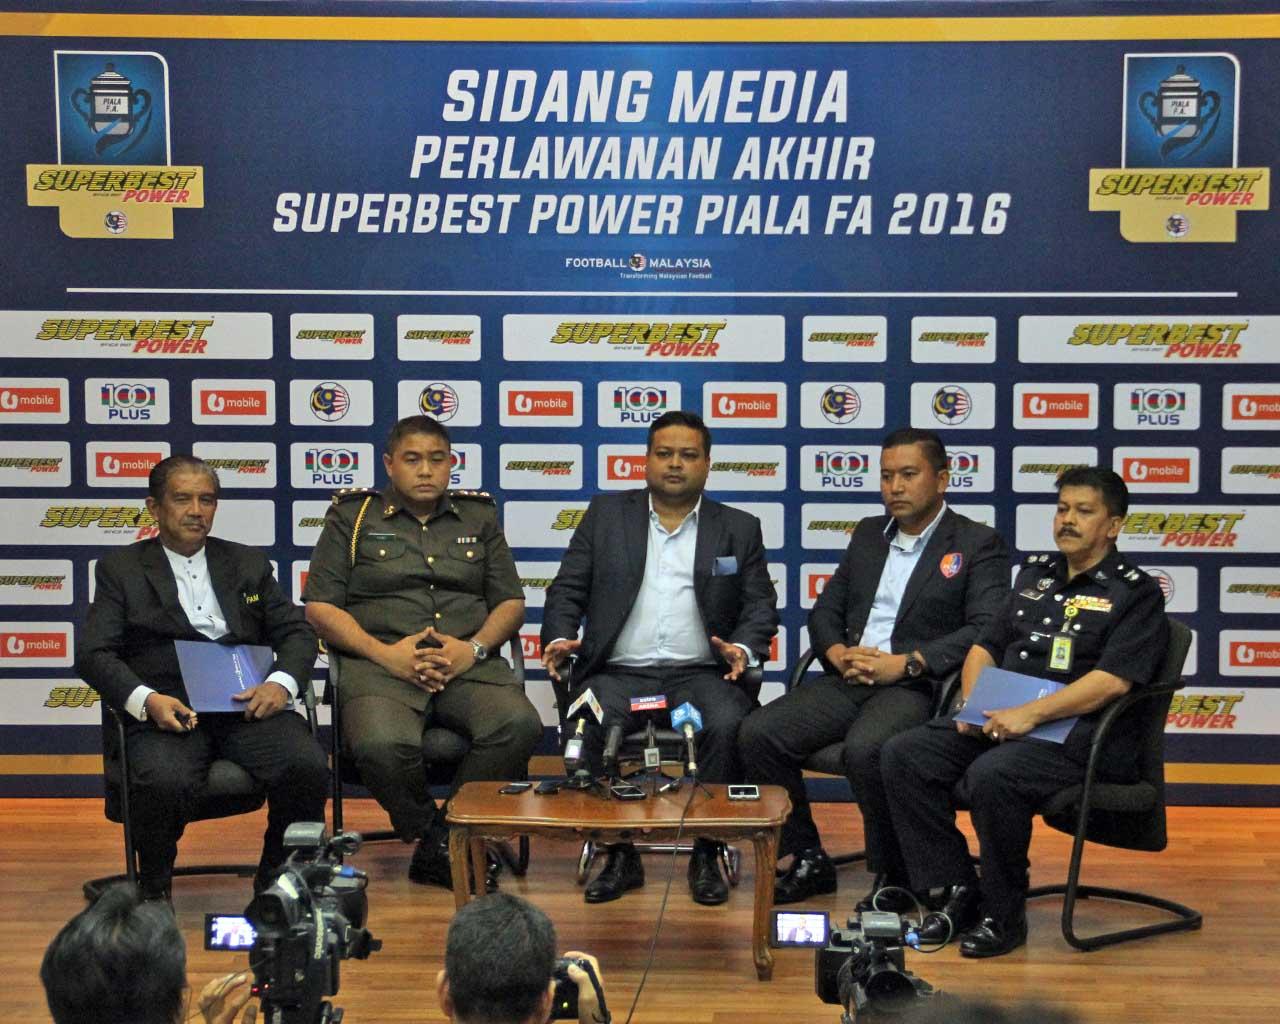 Sidang Media Perlawanan Akhir Piala FA 2016 - Johor Darul Takzim(JDT) vs PKNS FC